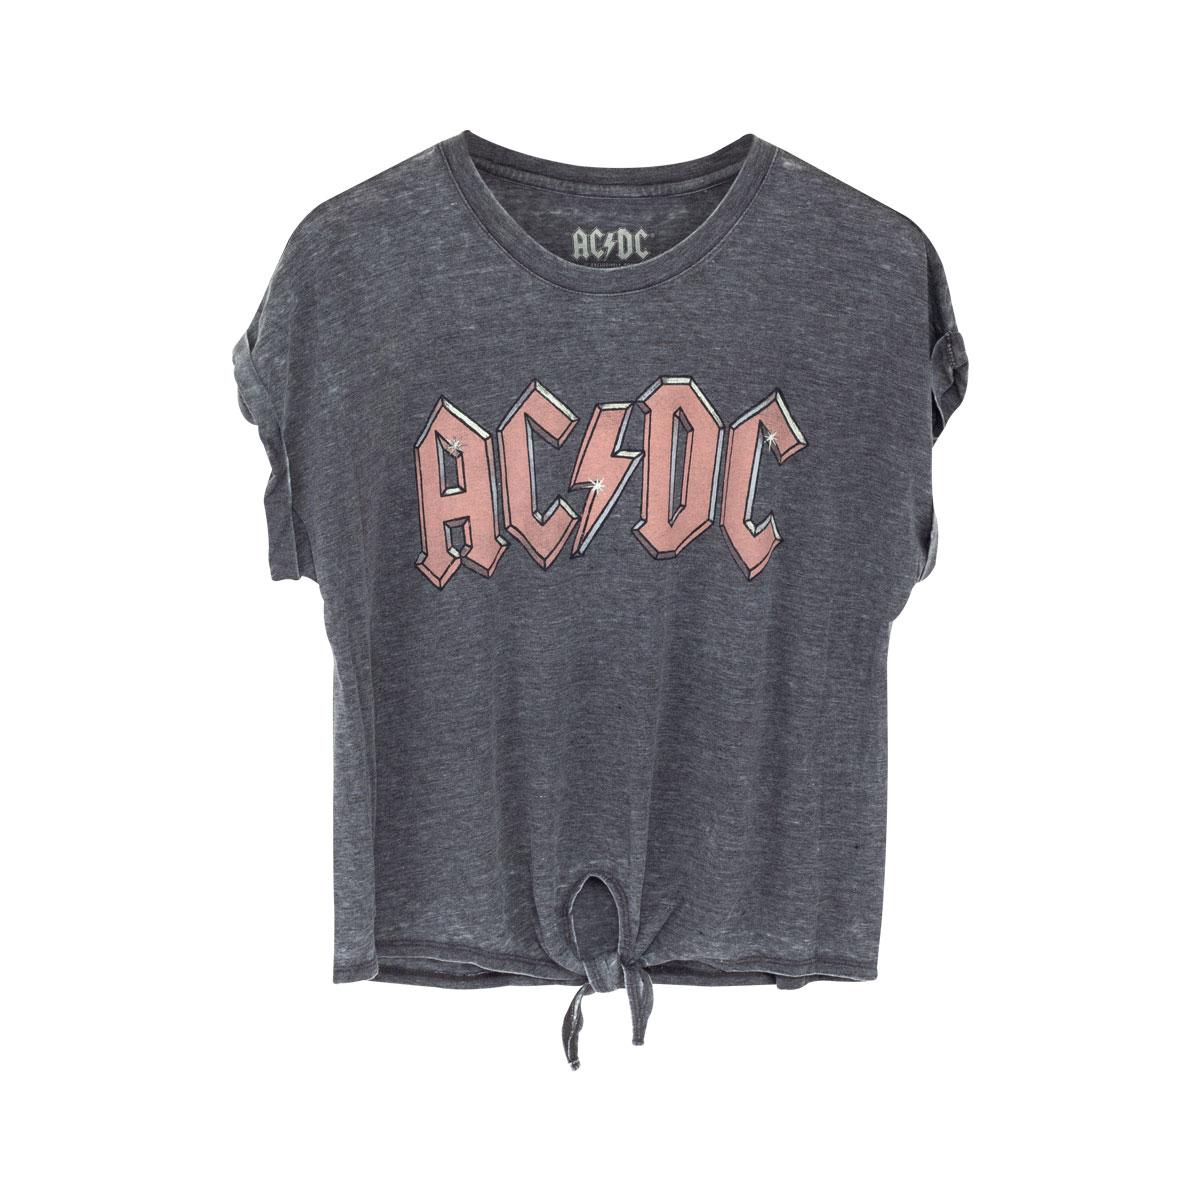 AC/DC Girls Pink Logo Tied Tee